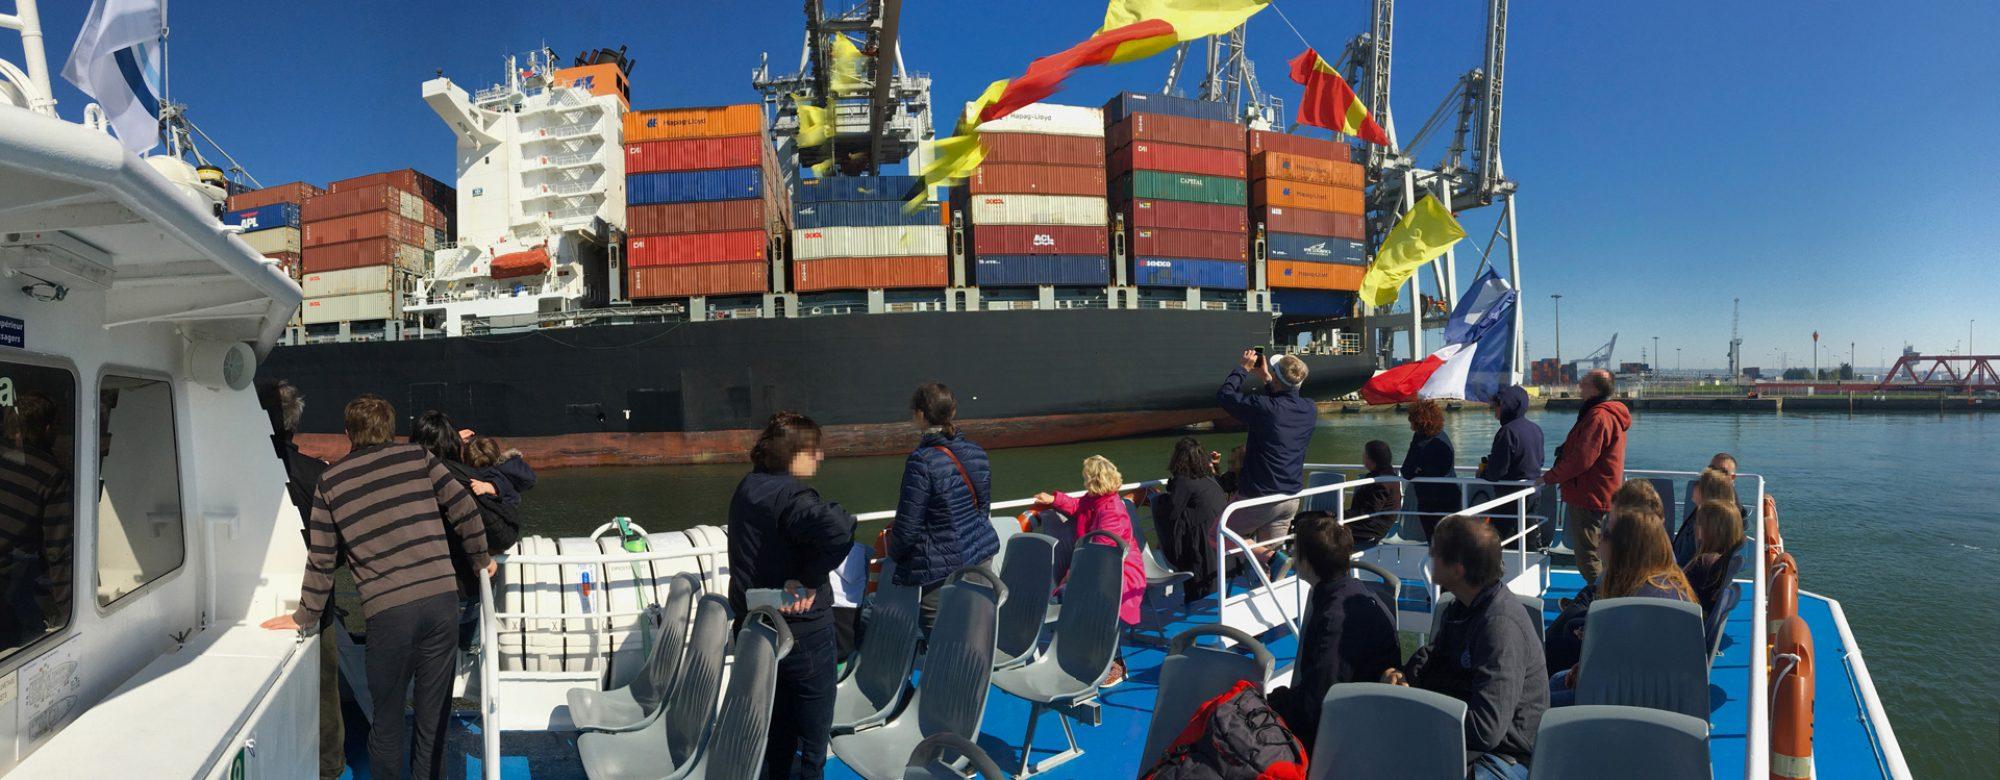 Visite du port du Havre en bateau près des porte conteneurs